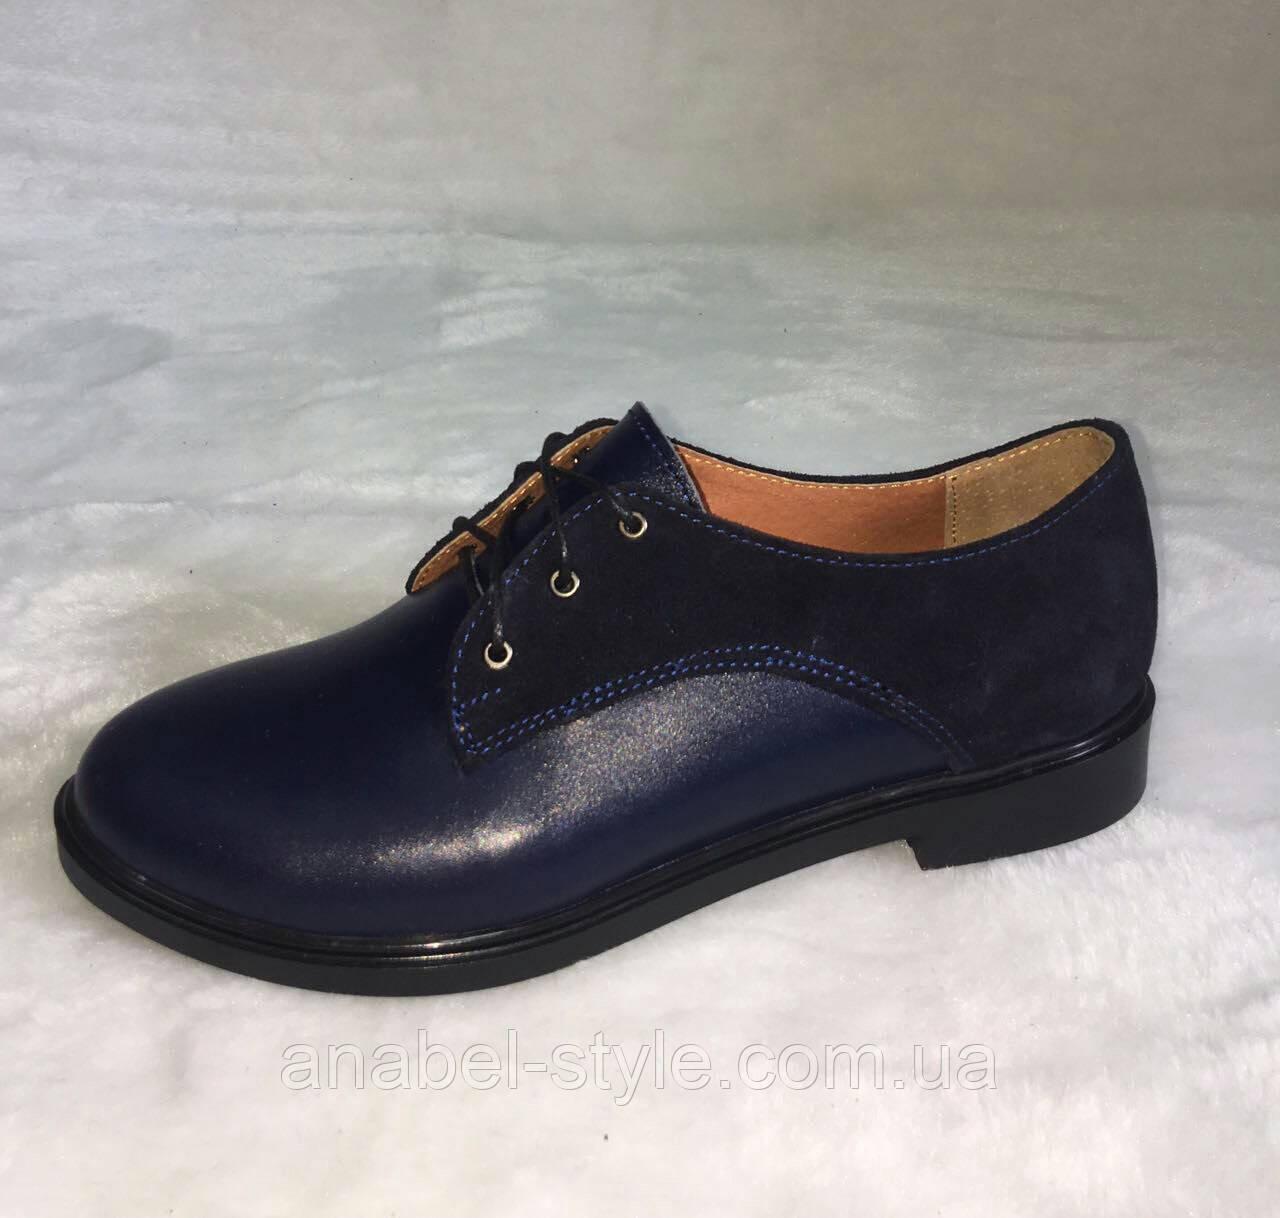 Туфлі-оксфорди жіночі з натуральної шкіри без каблука сині